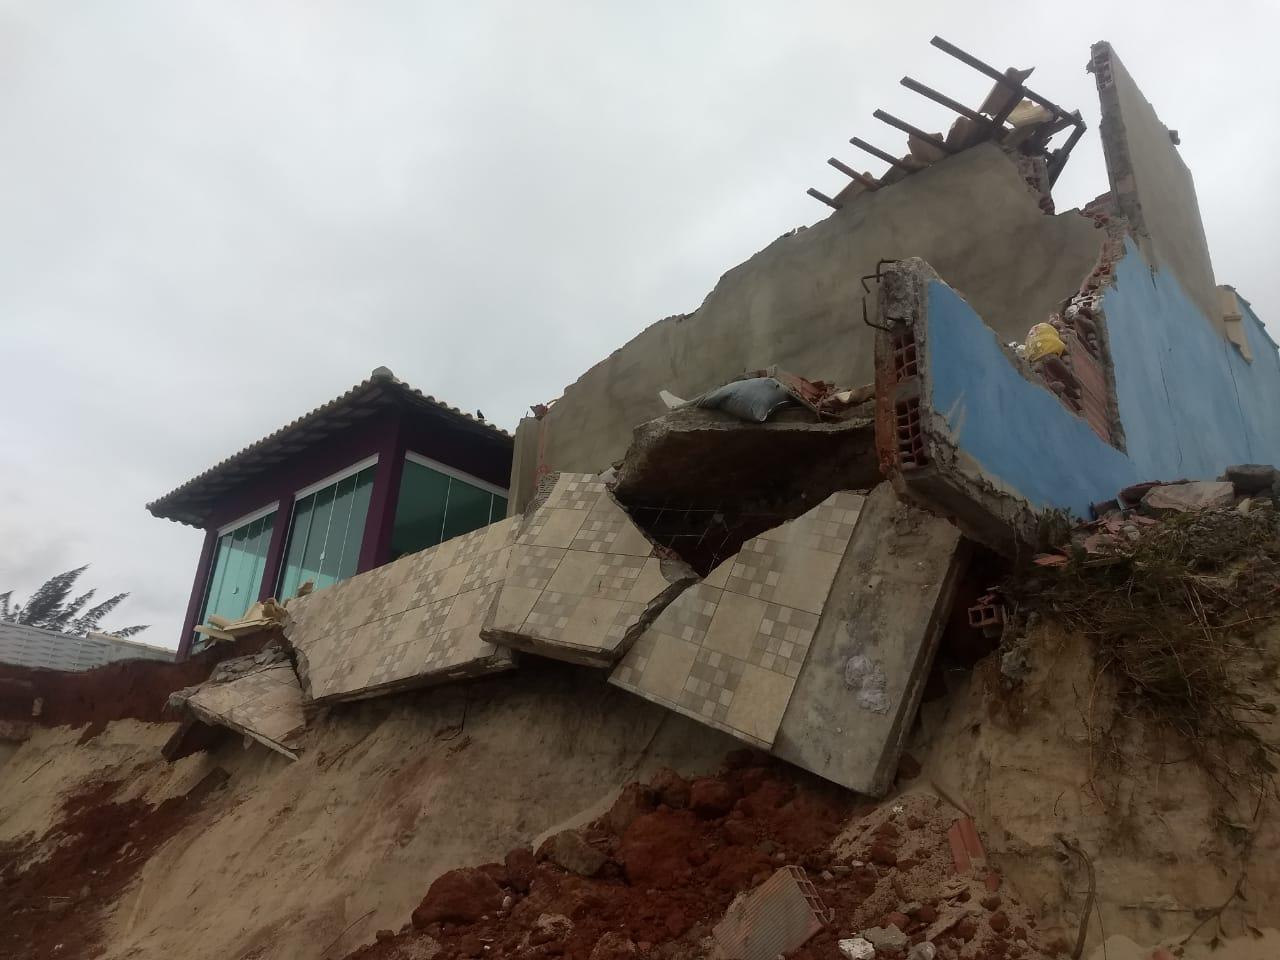 Residência destruída pelas ondas na praia do Cordeirinho: para ambientalista, terminal portuário poderia não suportar ressacas cada vez mais frequentes na região (Foto: Prefeitura de Maricá / 14/08/2019)